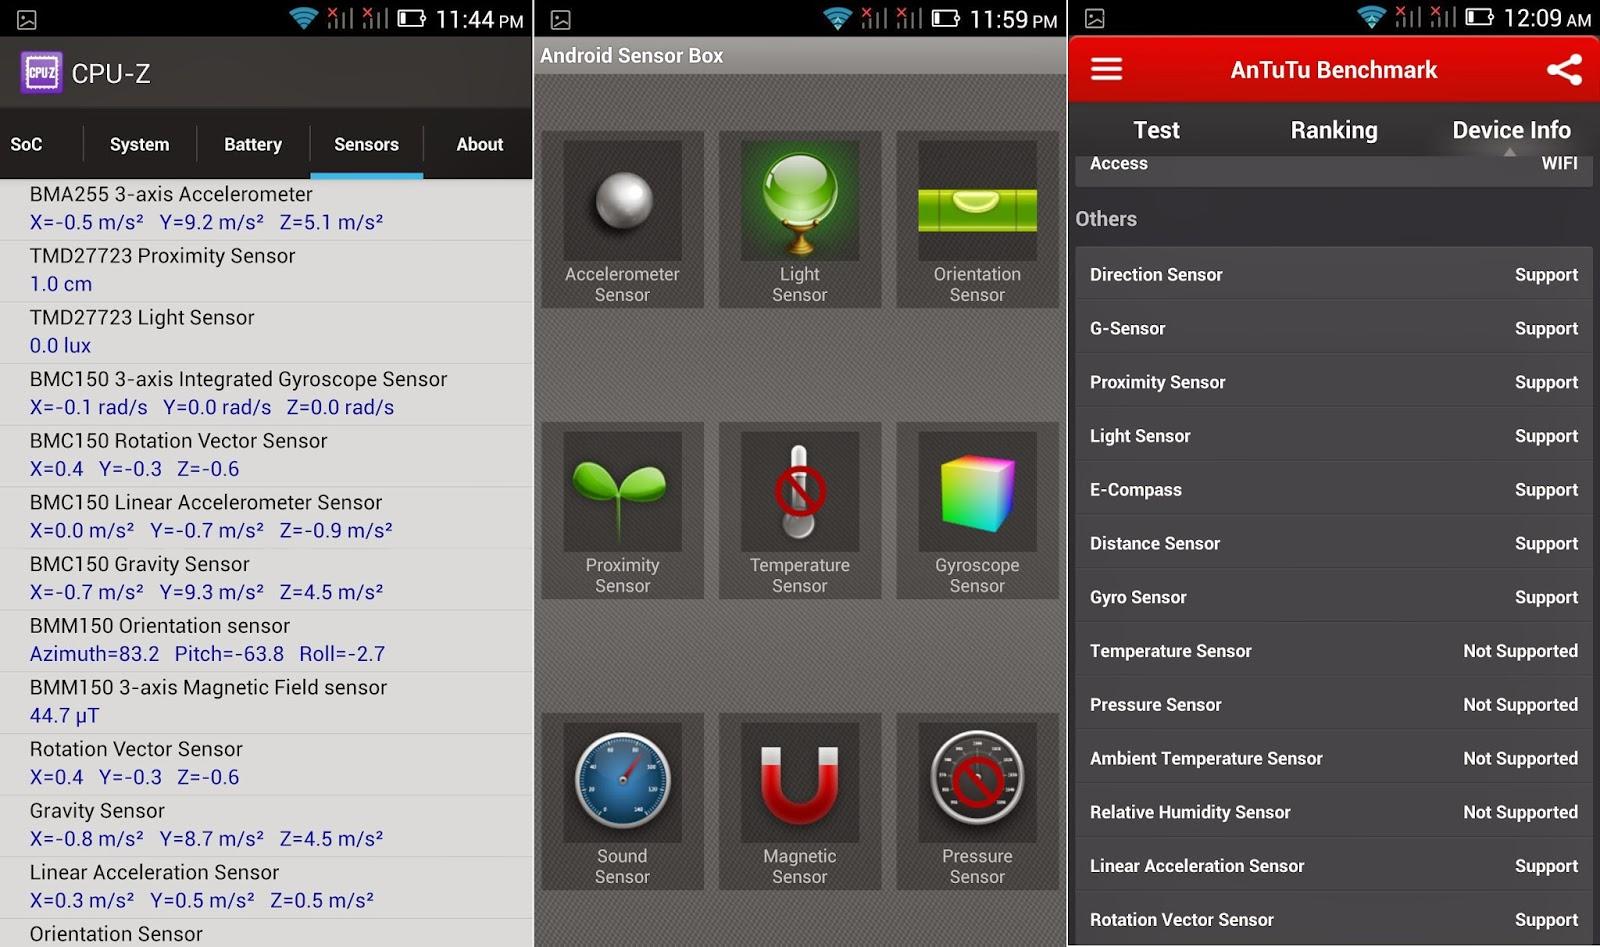 Cherry Mobile Cosmos Z2 Sensors